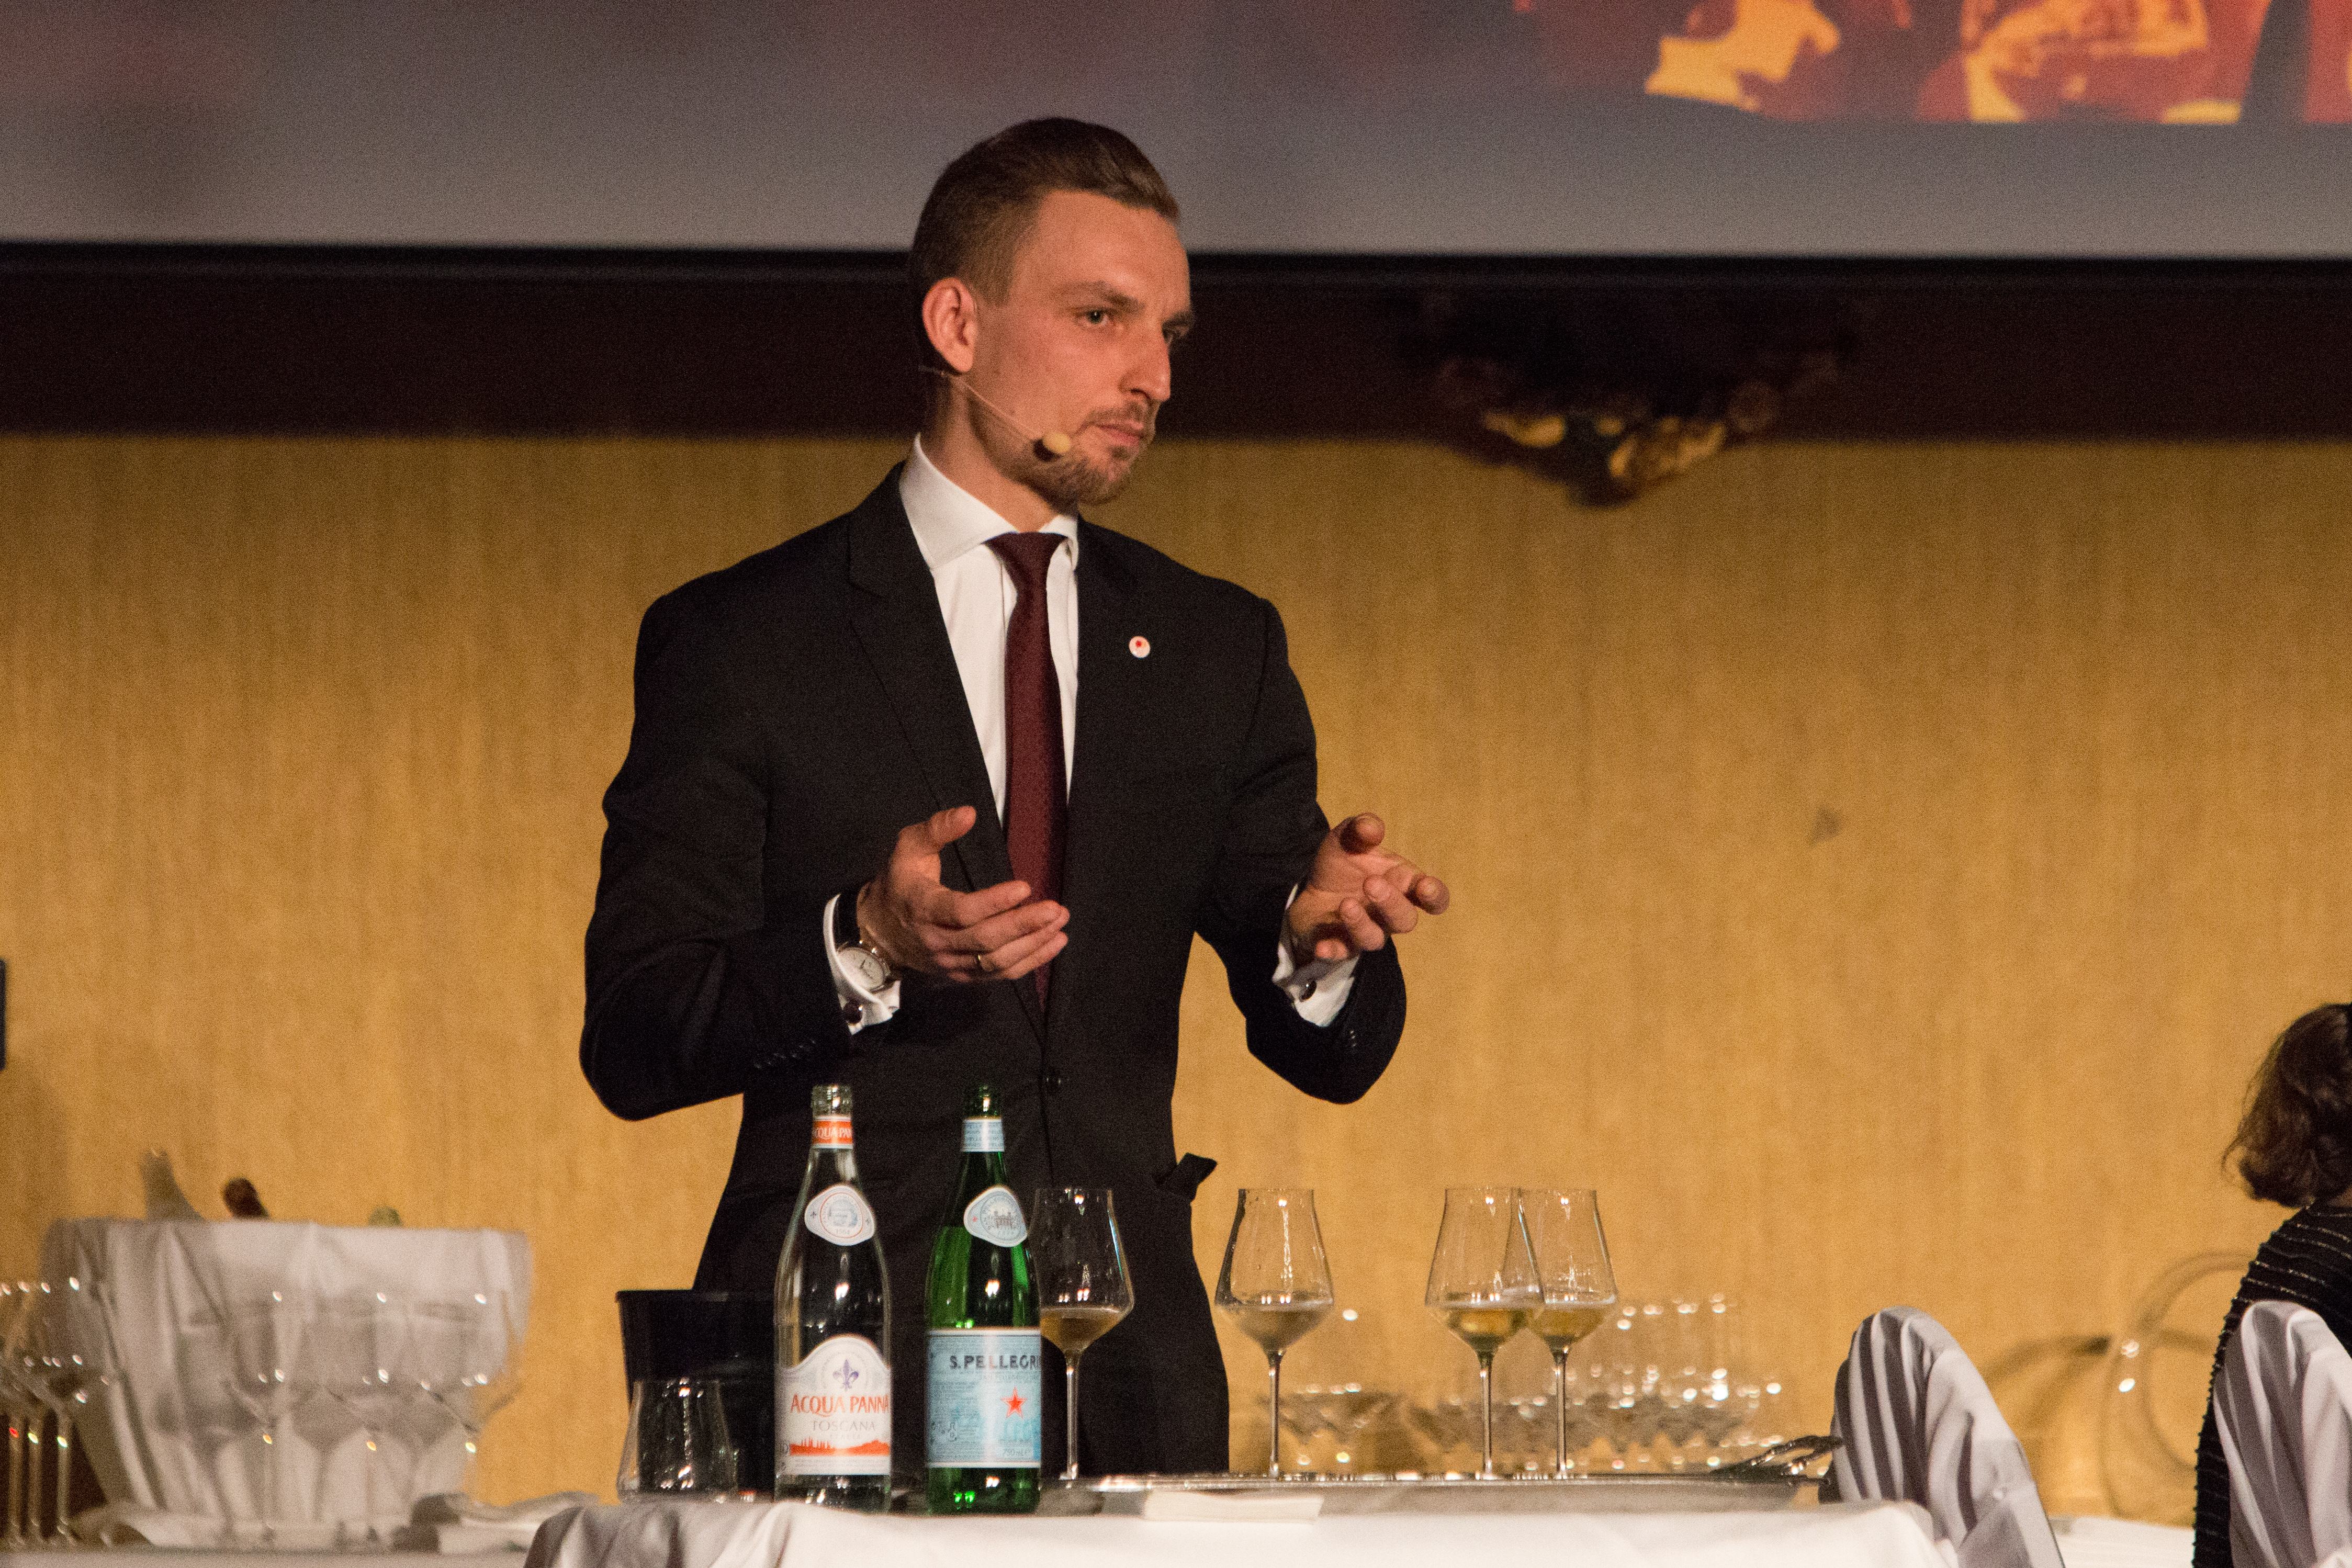 Smaking søte viner Piotr-1.jpg